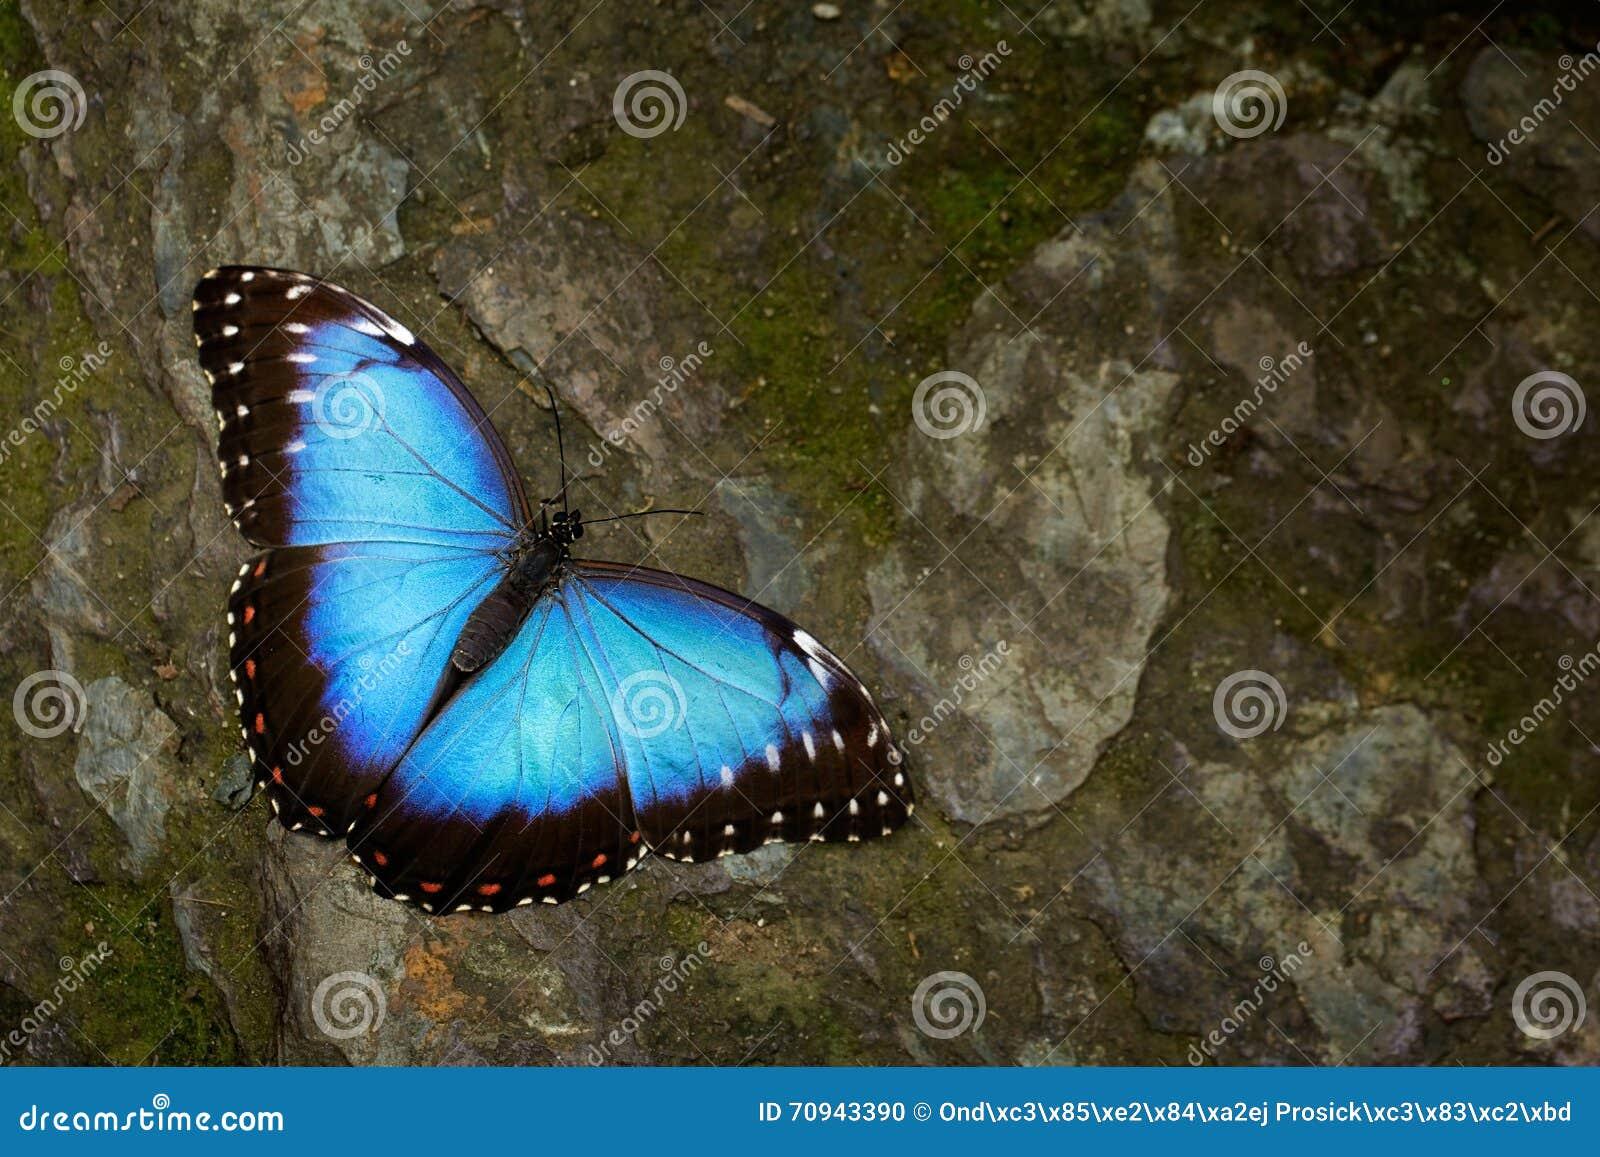 蝴蝶蓝色Morpho, Morpho peleides 大蓝色蝴蝶坐灰色岩石,美丽的昆虫在自然栖所,野生生物